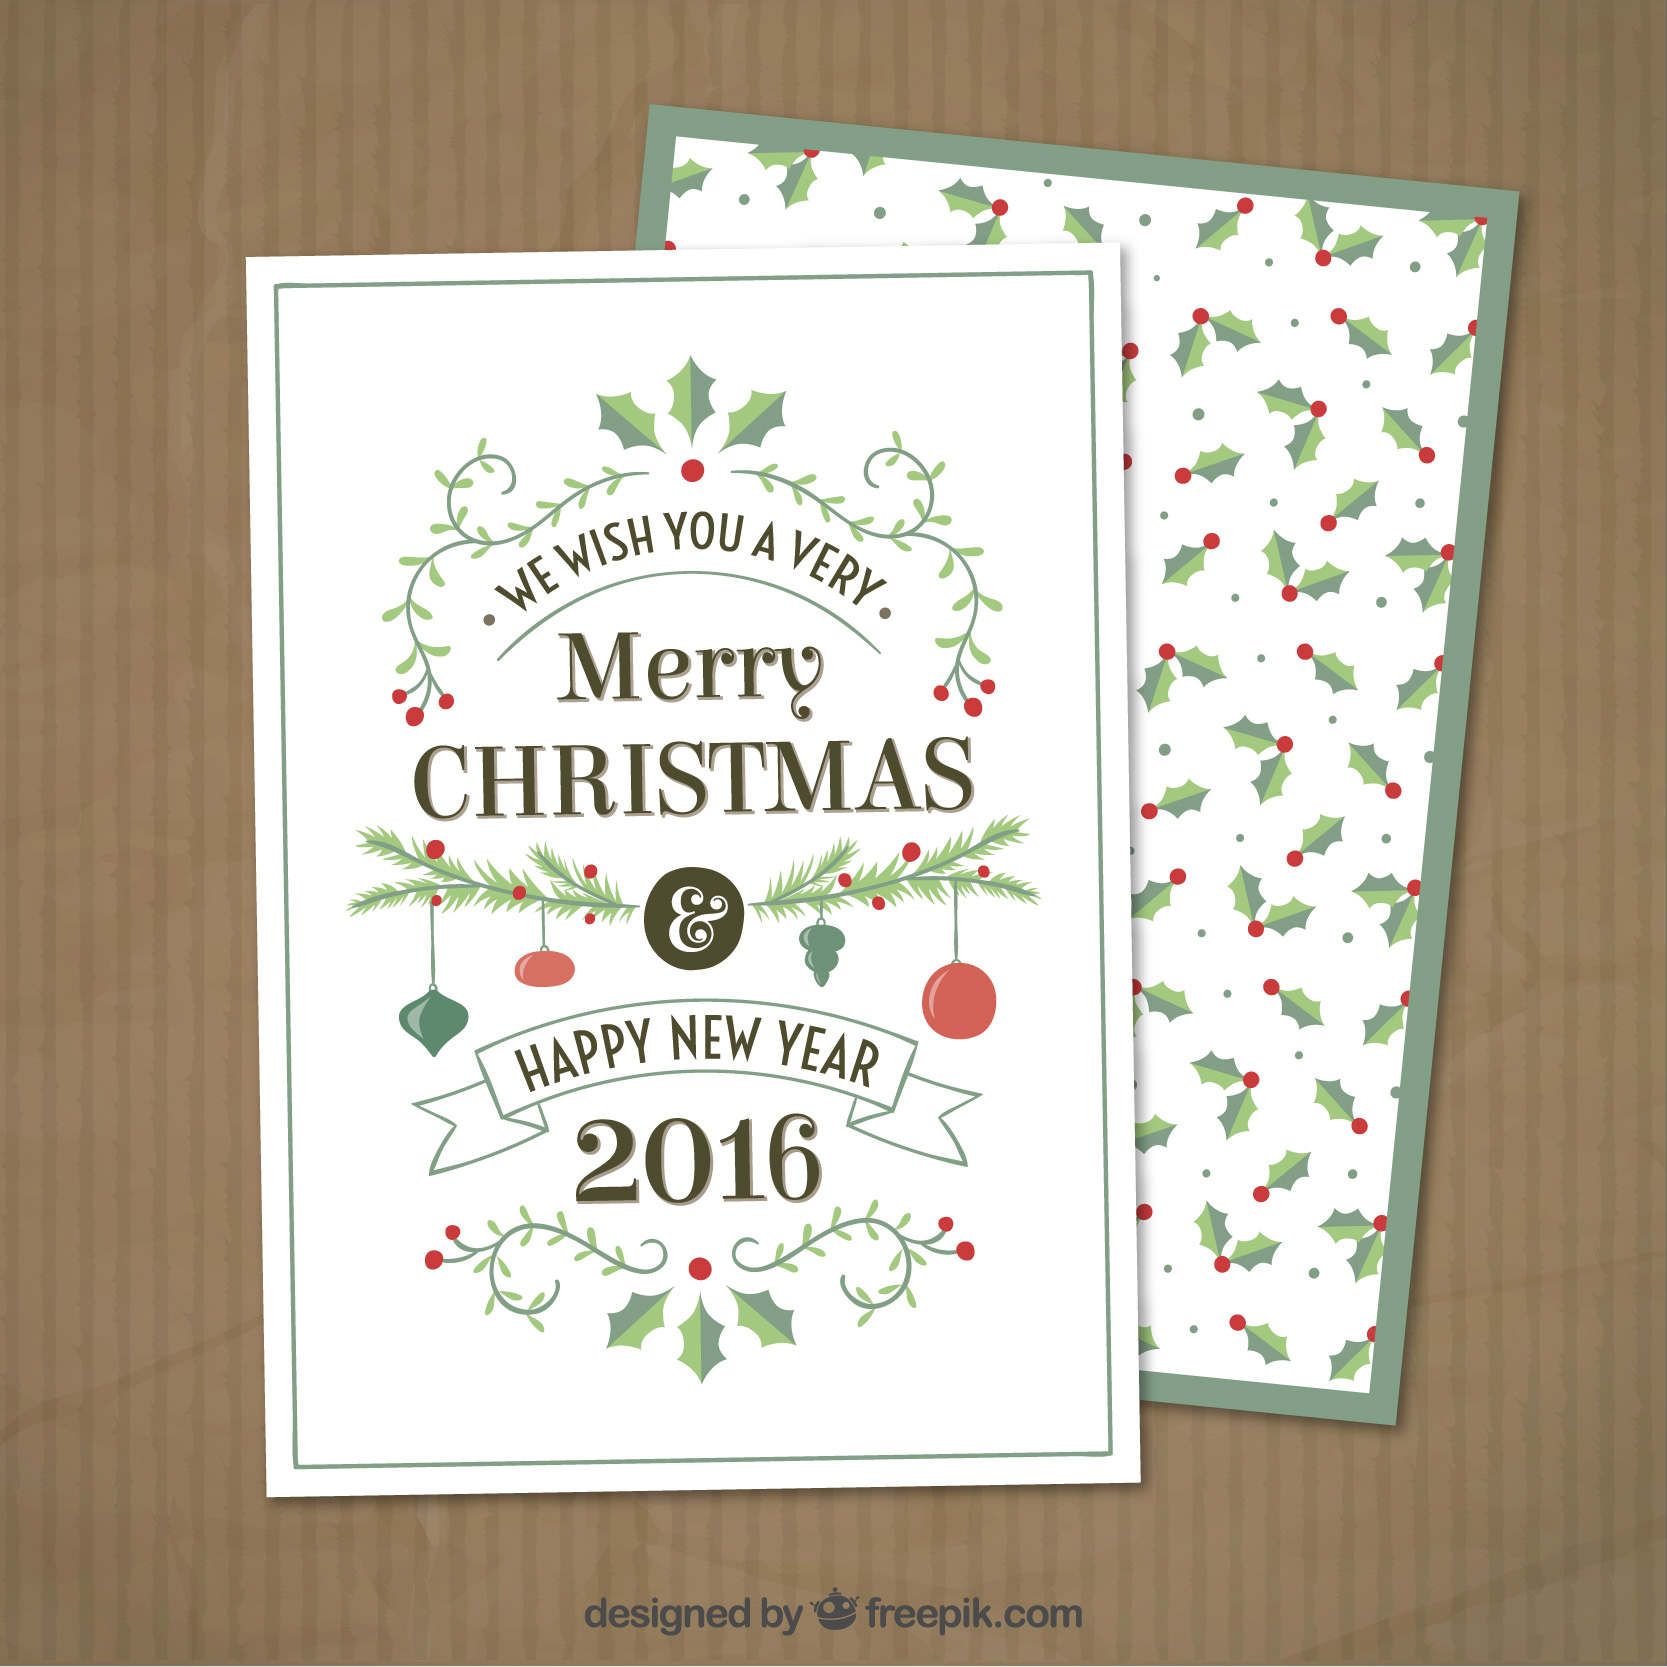 Conosciuto 3 biglietti auguri di Natale da stampare gratis | SR Blog YX84